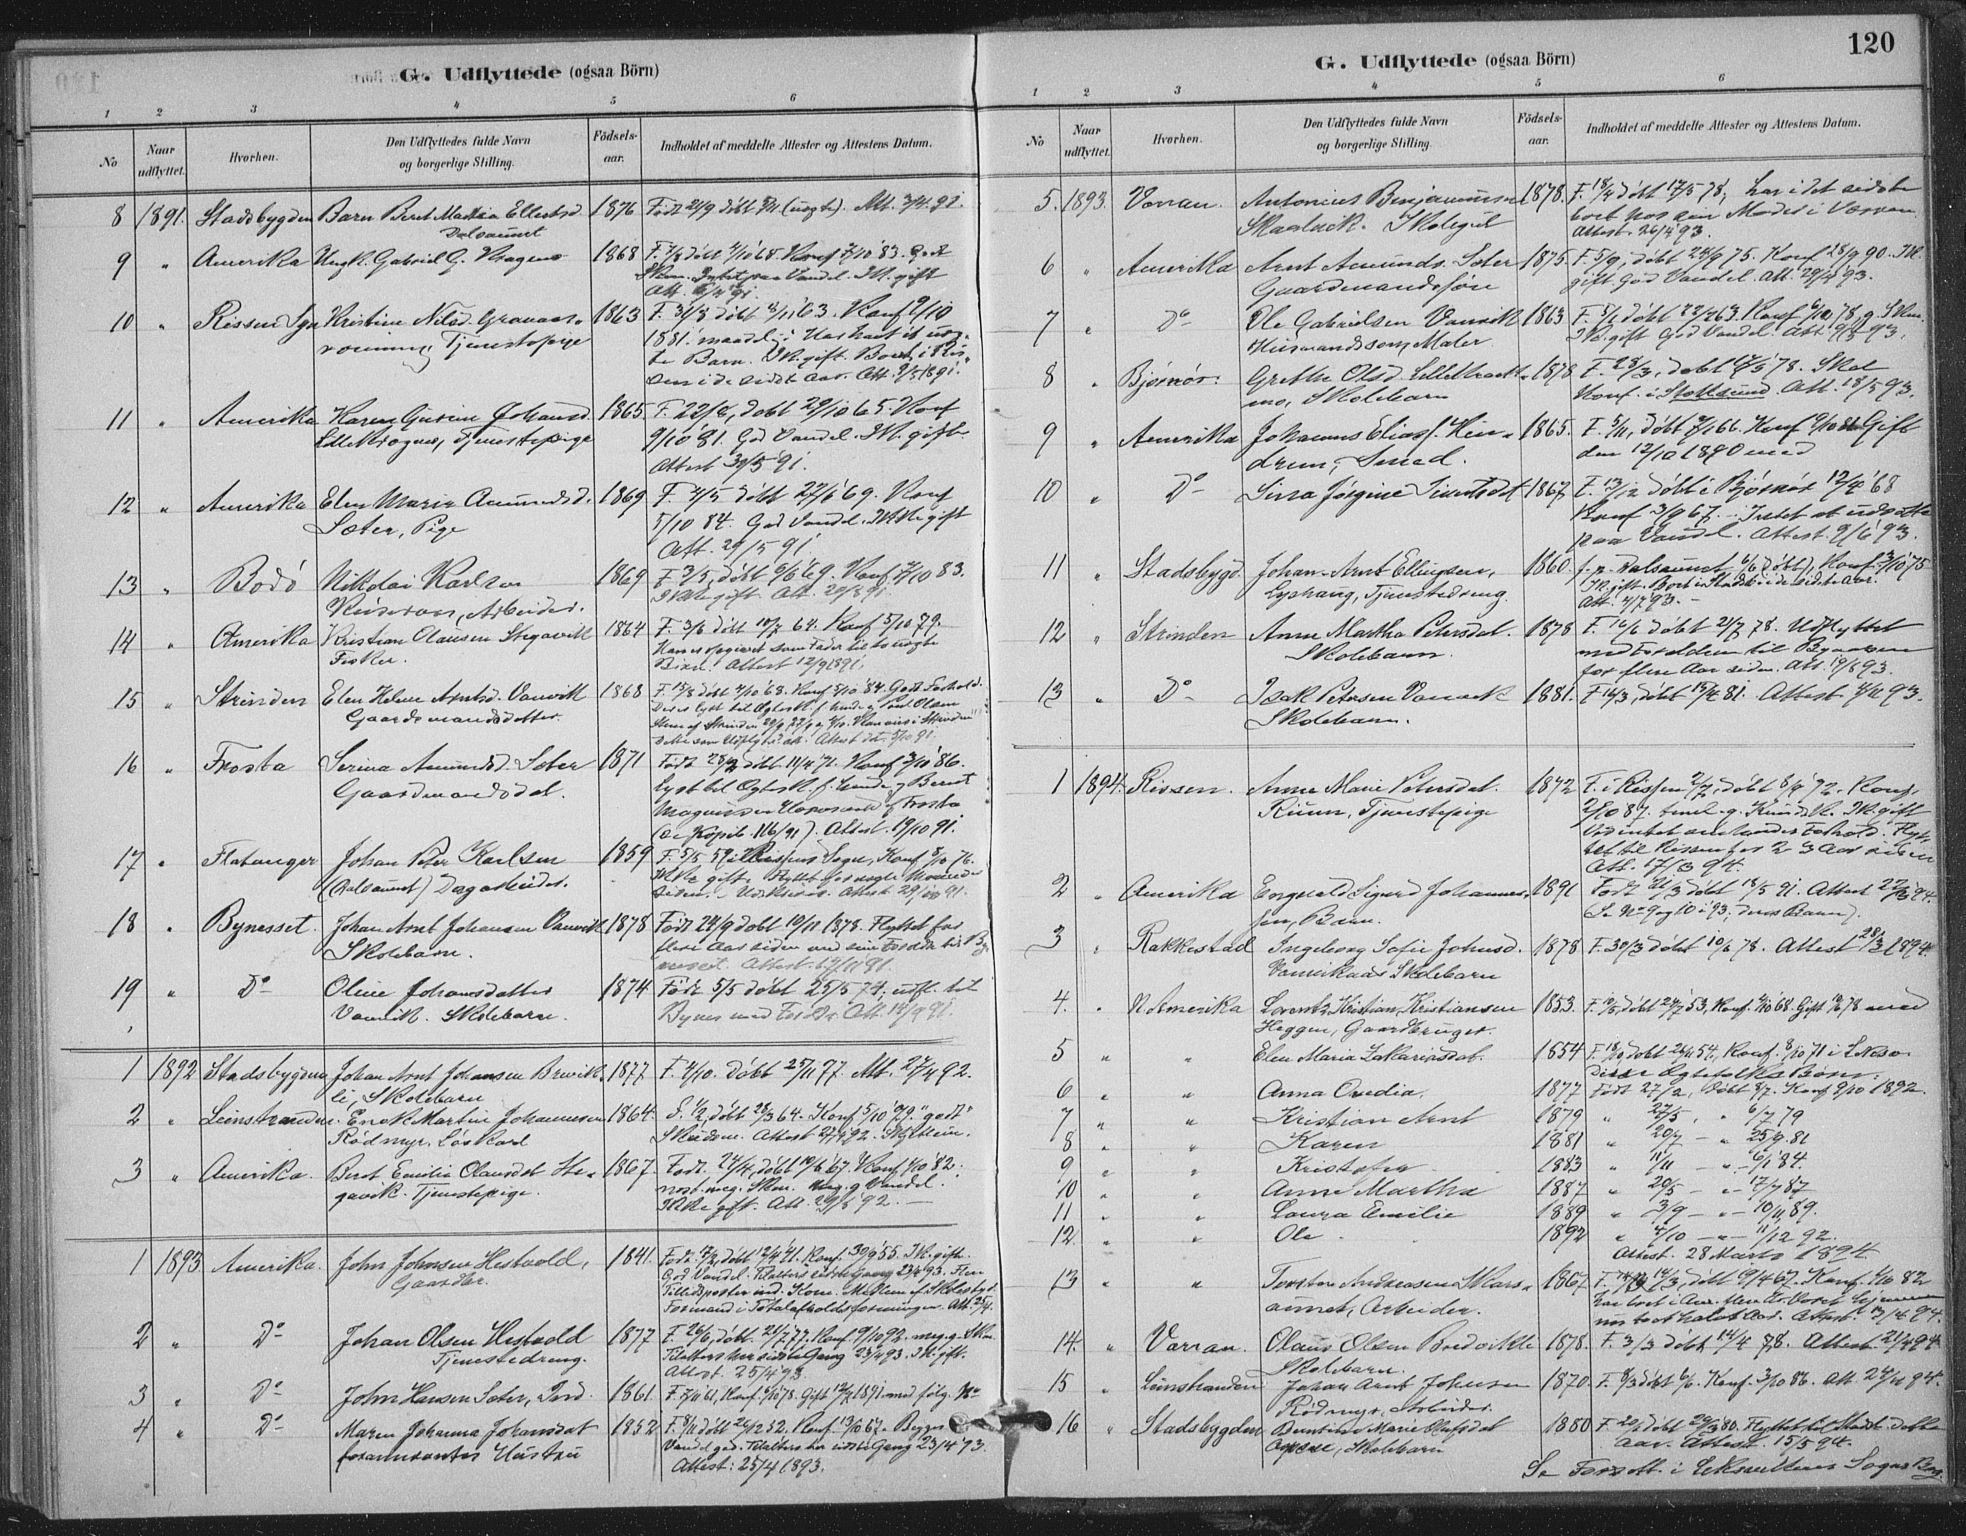 SAT, Ministerialprotokoller, klokkerbøker og fødselsregistre - Nord-Trøndelag, 702/L0023: Ministerialbok nr. 702A01, 1883-1897, s. 120